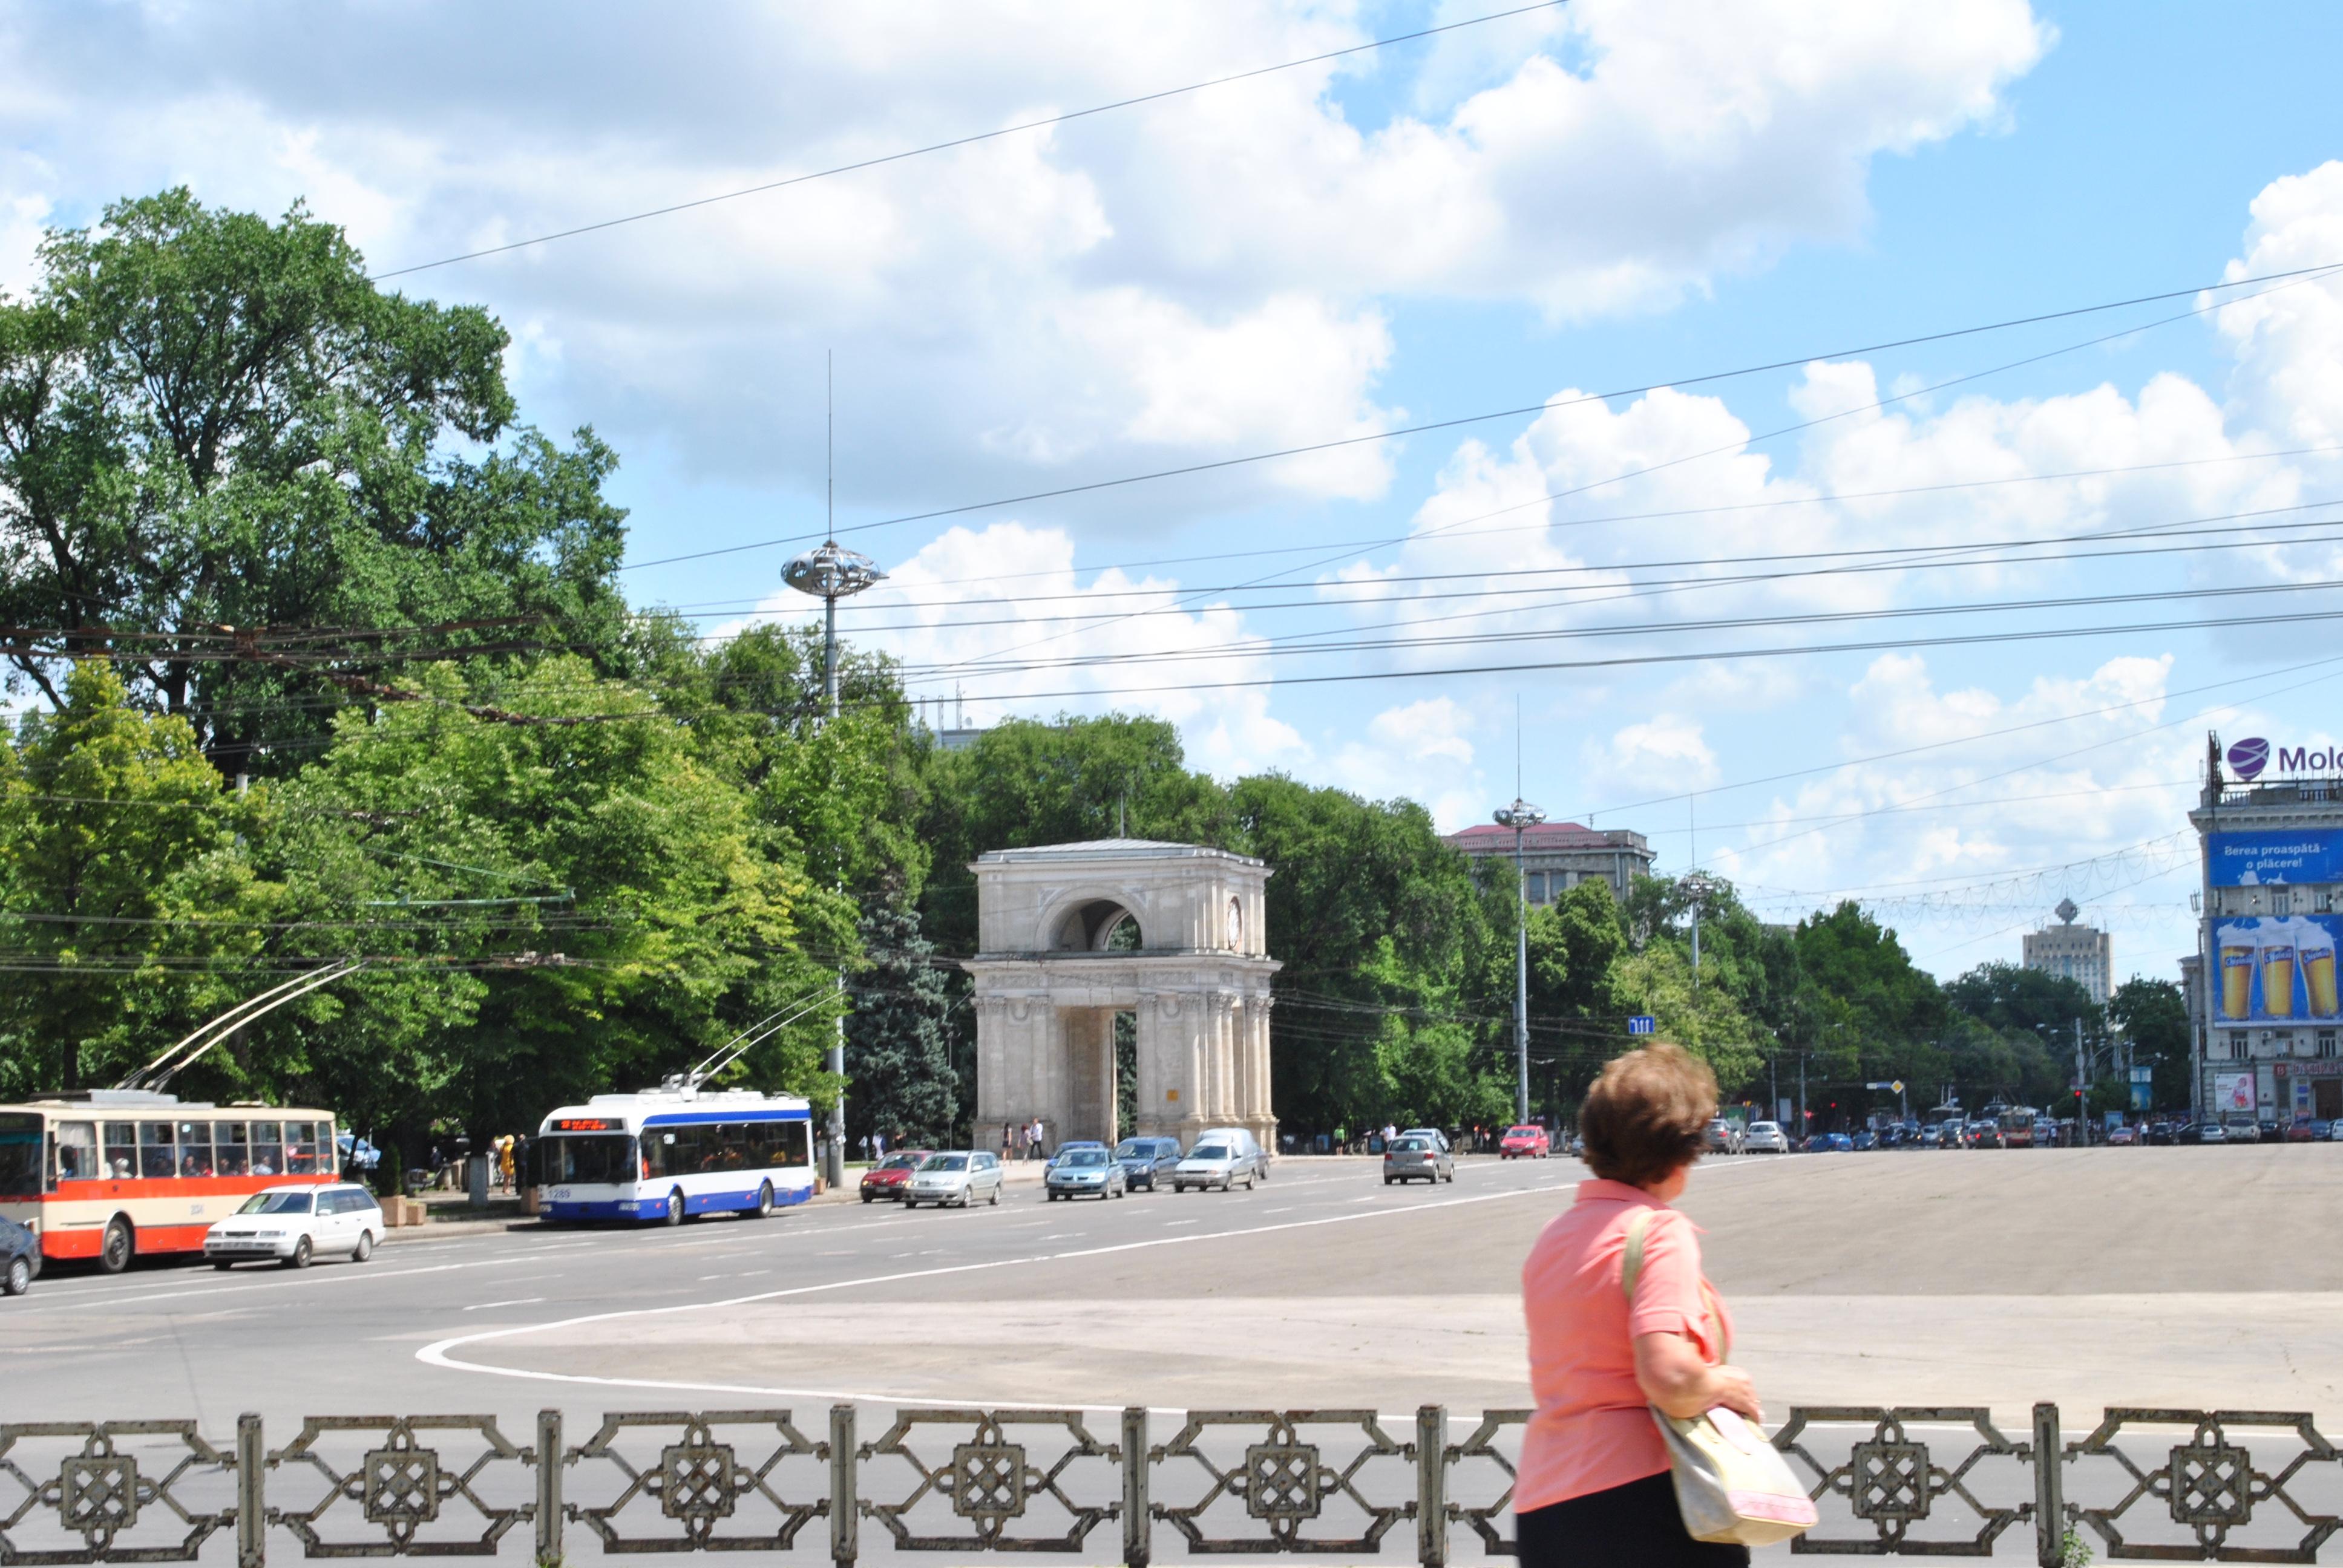 rencontres en ligne Chisinau datant d'un homme plus âgé avec de l'argent